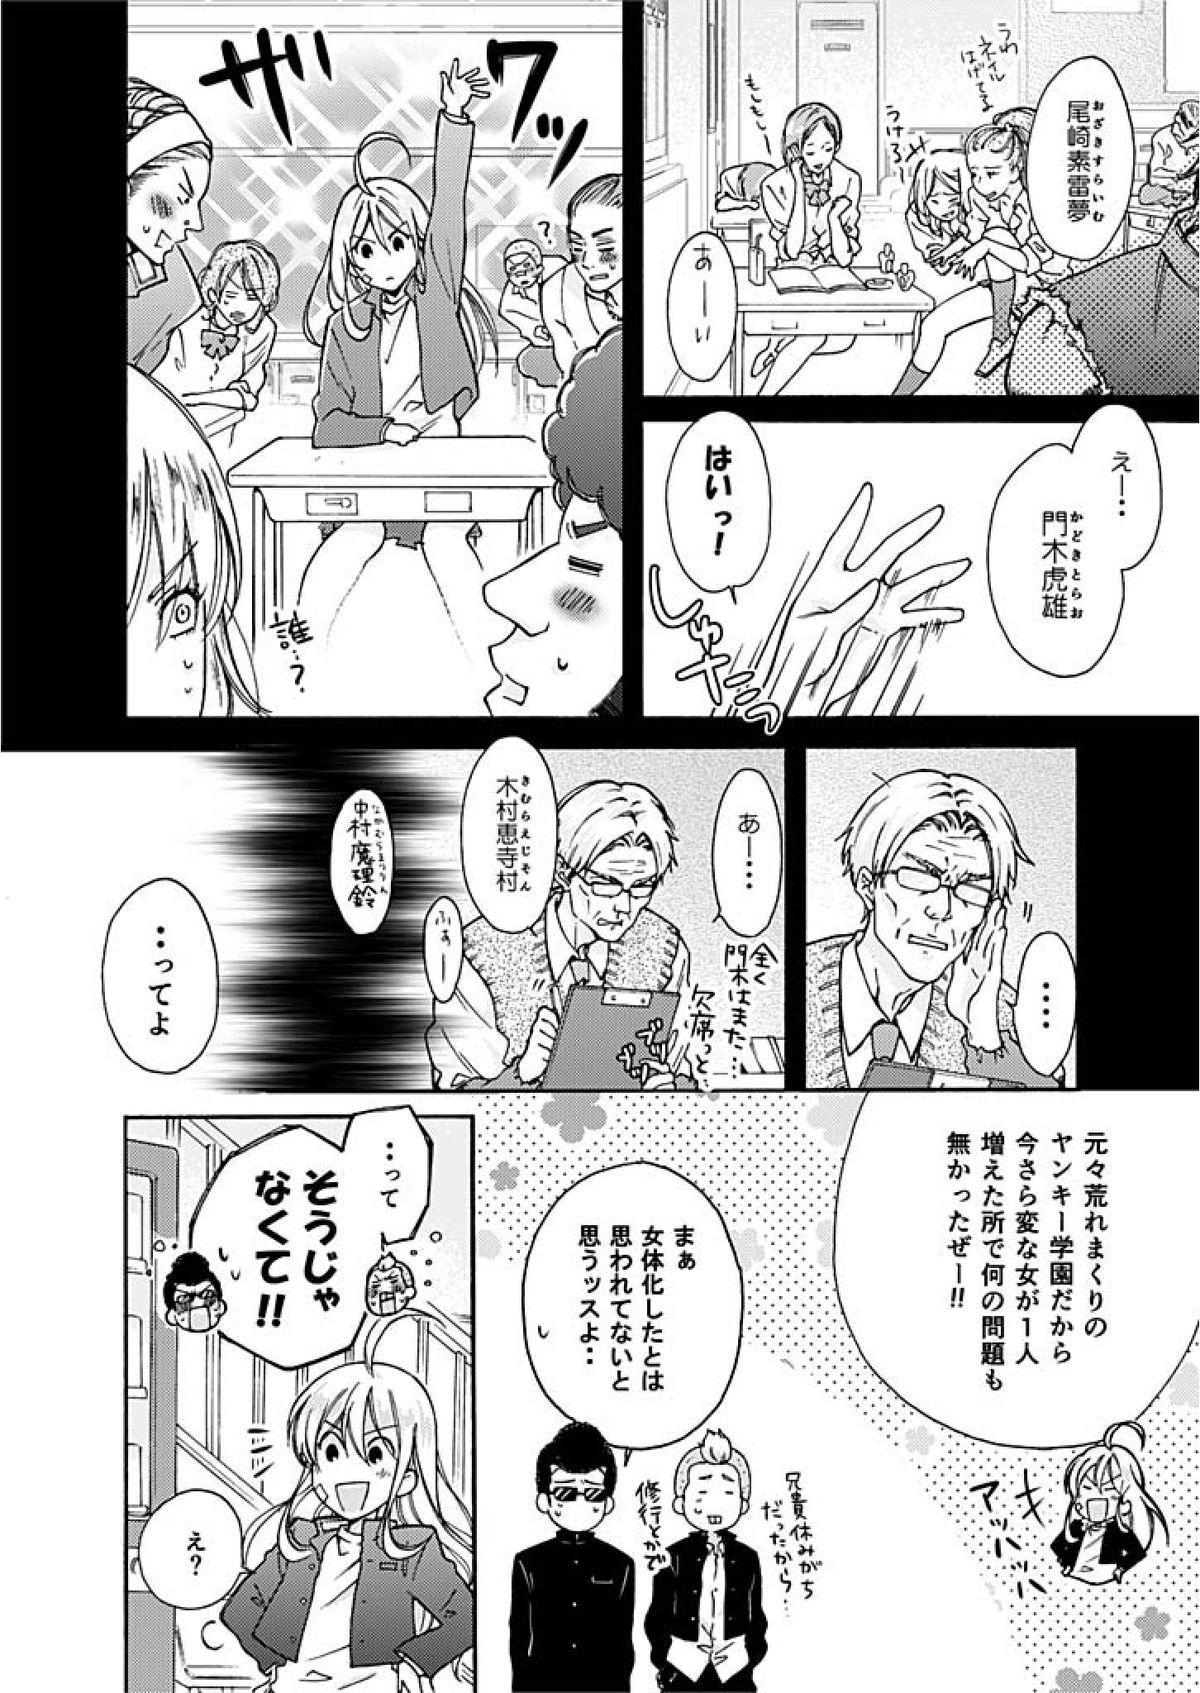 Nyotaika Yankee Gakuen ☆ Ore no Hajimete, Nerawaretemasu. 2 4